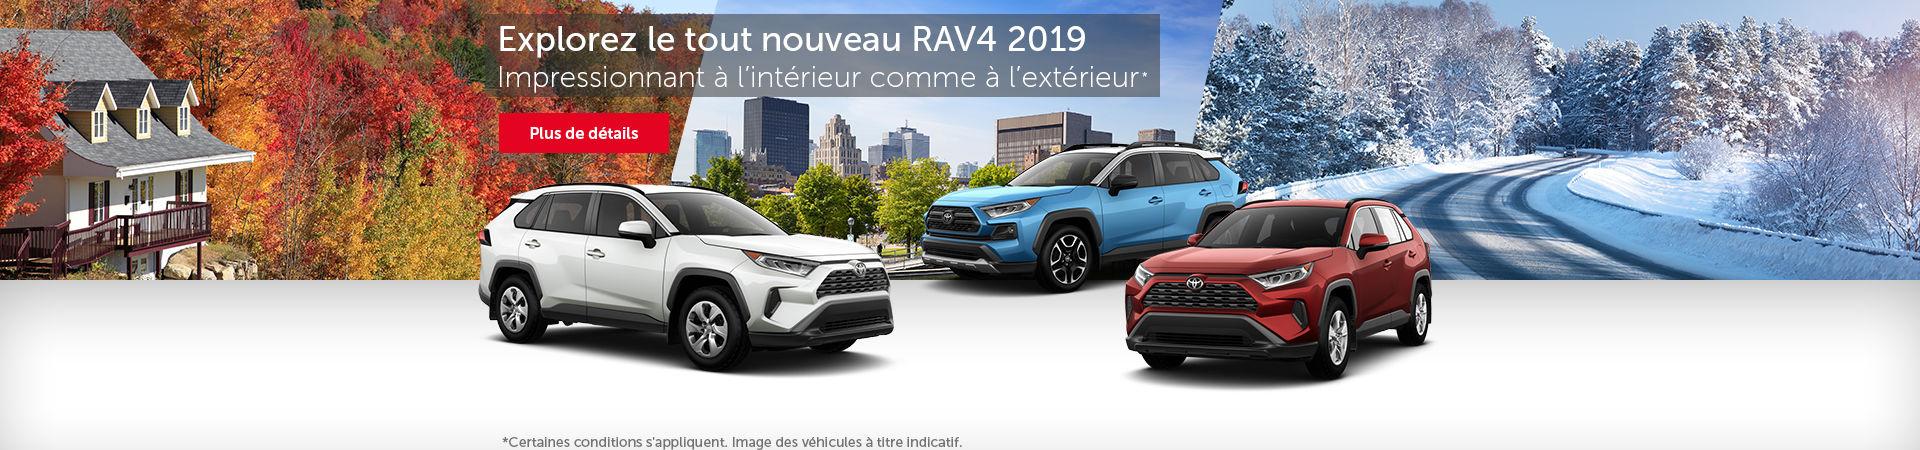 RAV 4 2019